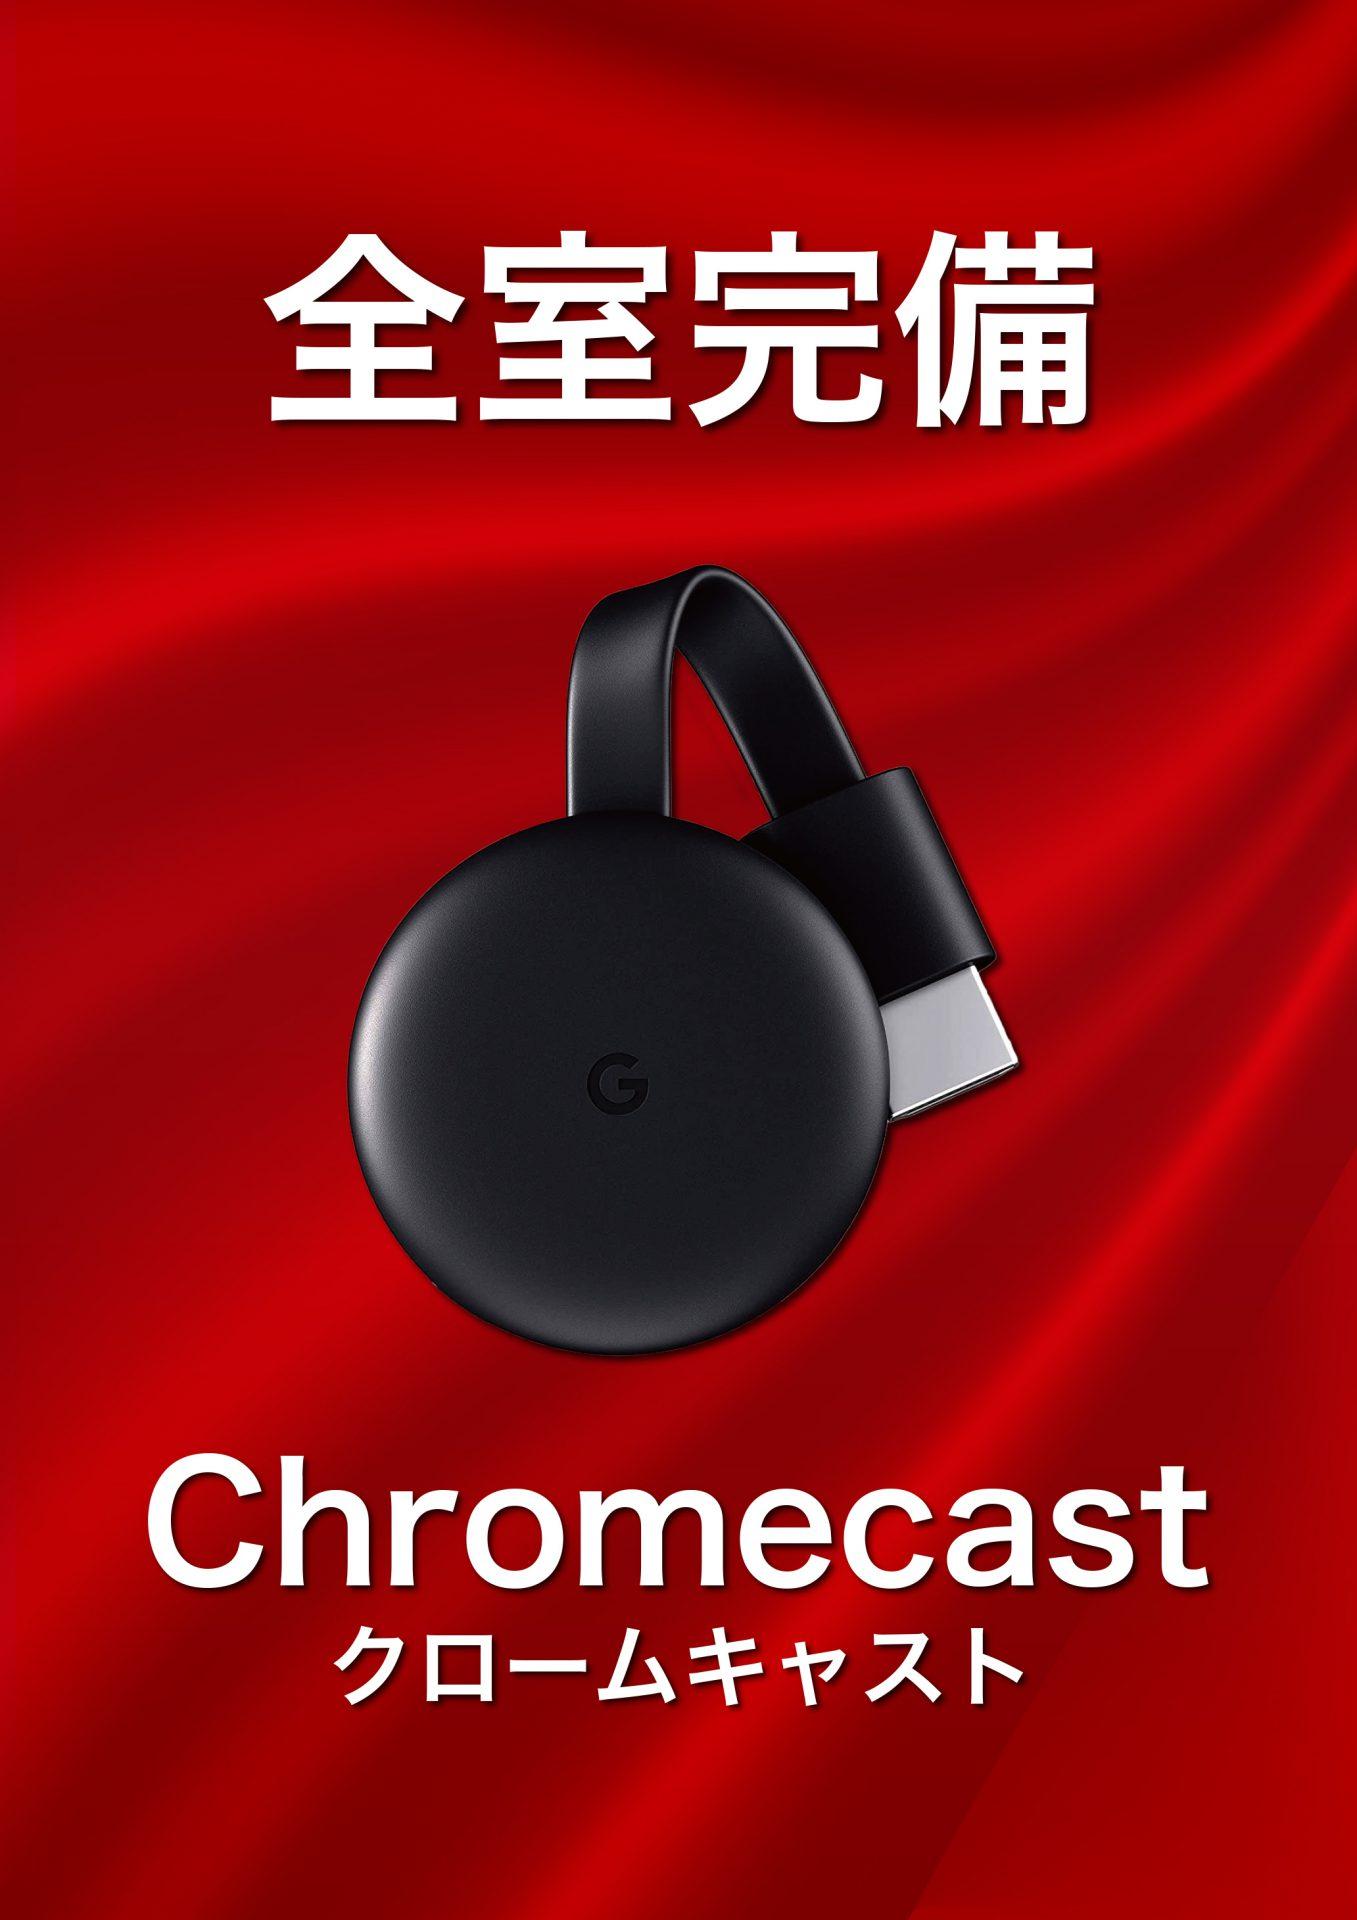 Chromecast導入